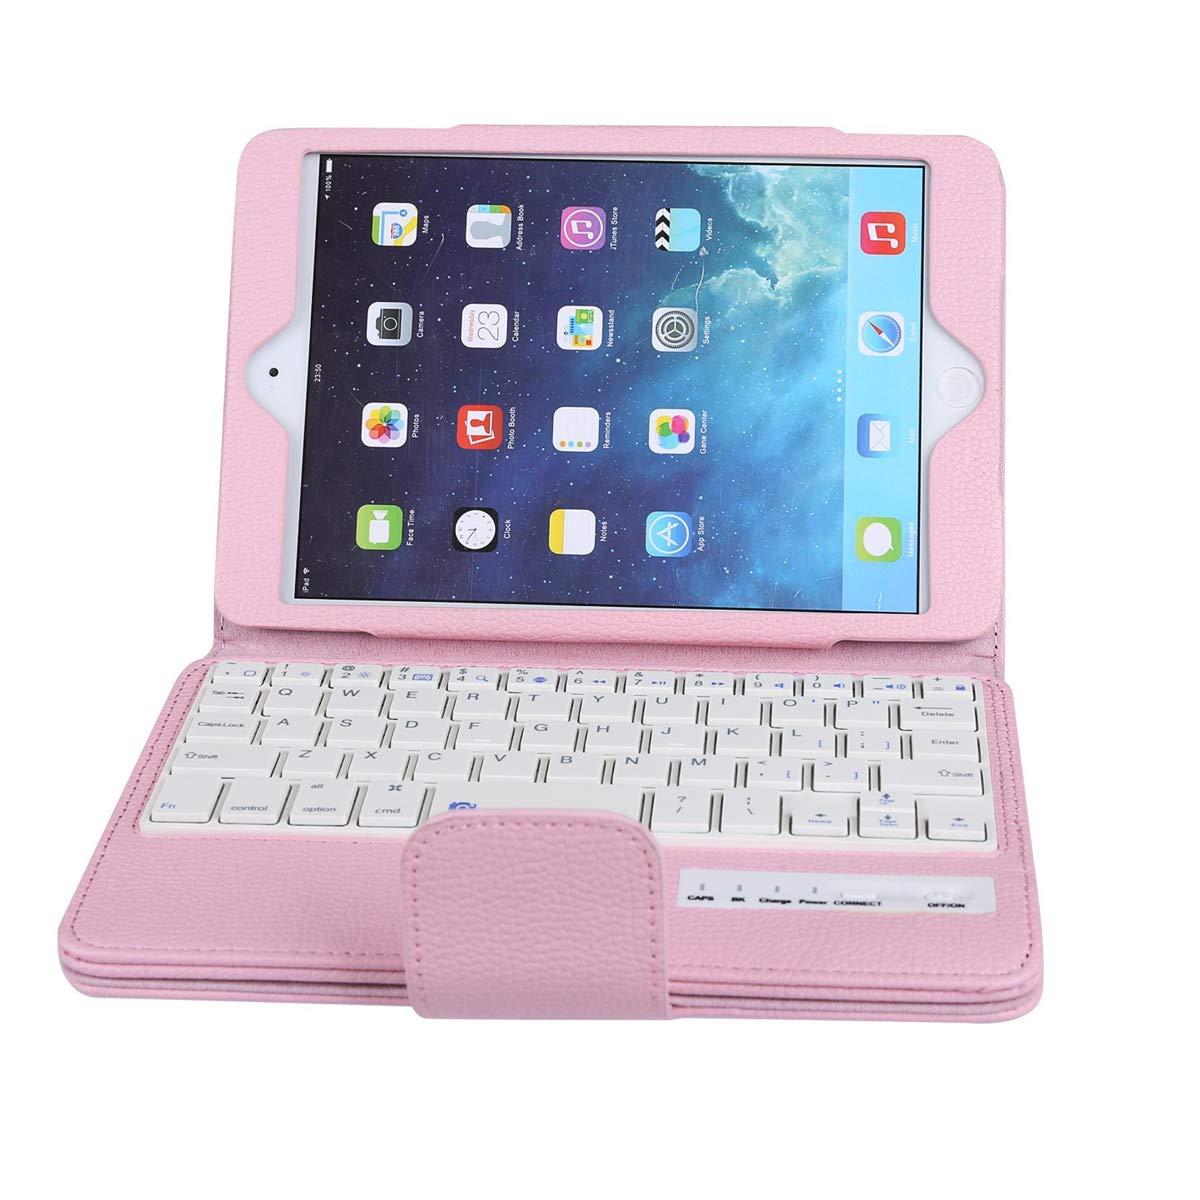 iPad Mini 1 2 3 4 キーボード ピンク F7JS-0Q-411  ピンク B07LF85S5D